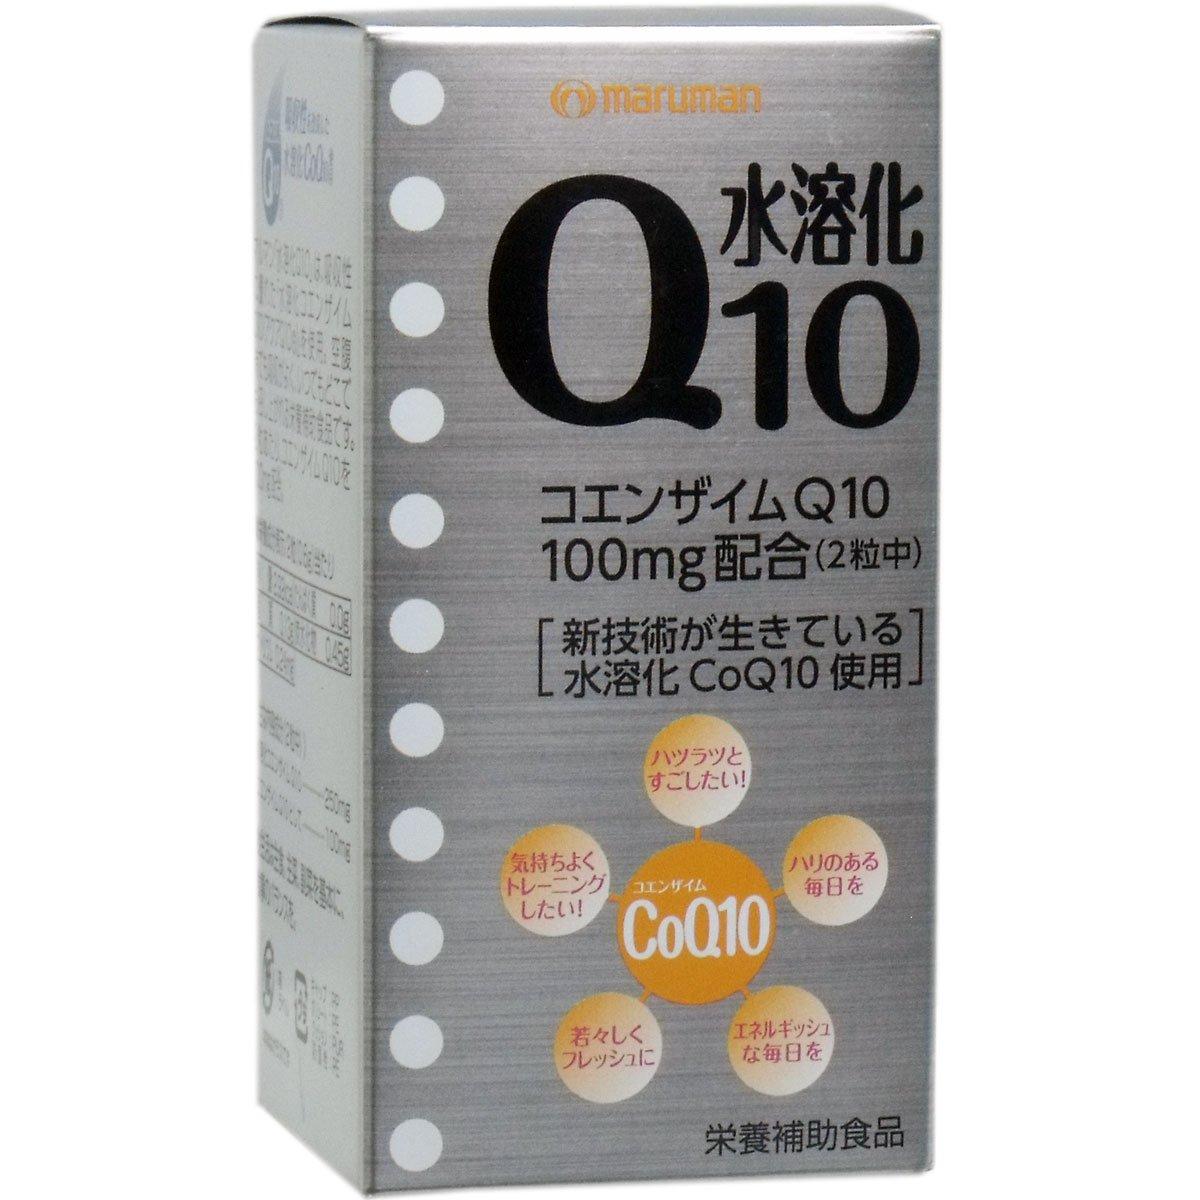 吸収性を改良した、水溶化CoQ10使用!マルマン 水溶化Q10(コエンザイムQ10) 60粒【2個セット】 B00EJGQ348